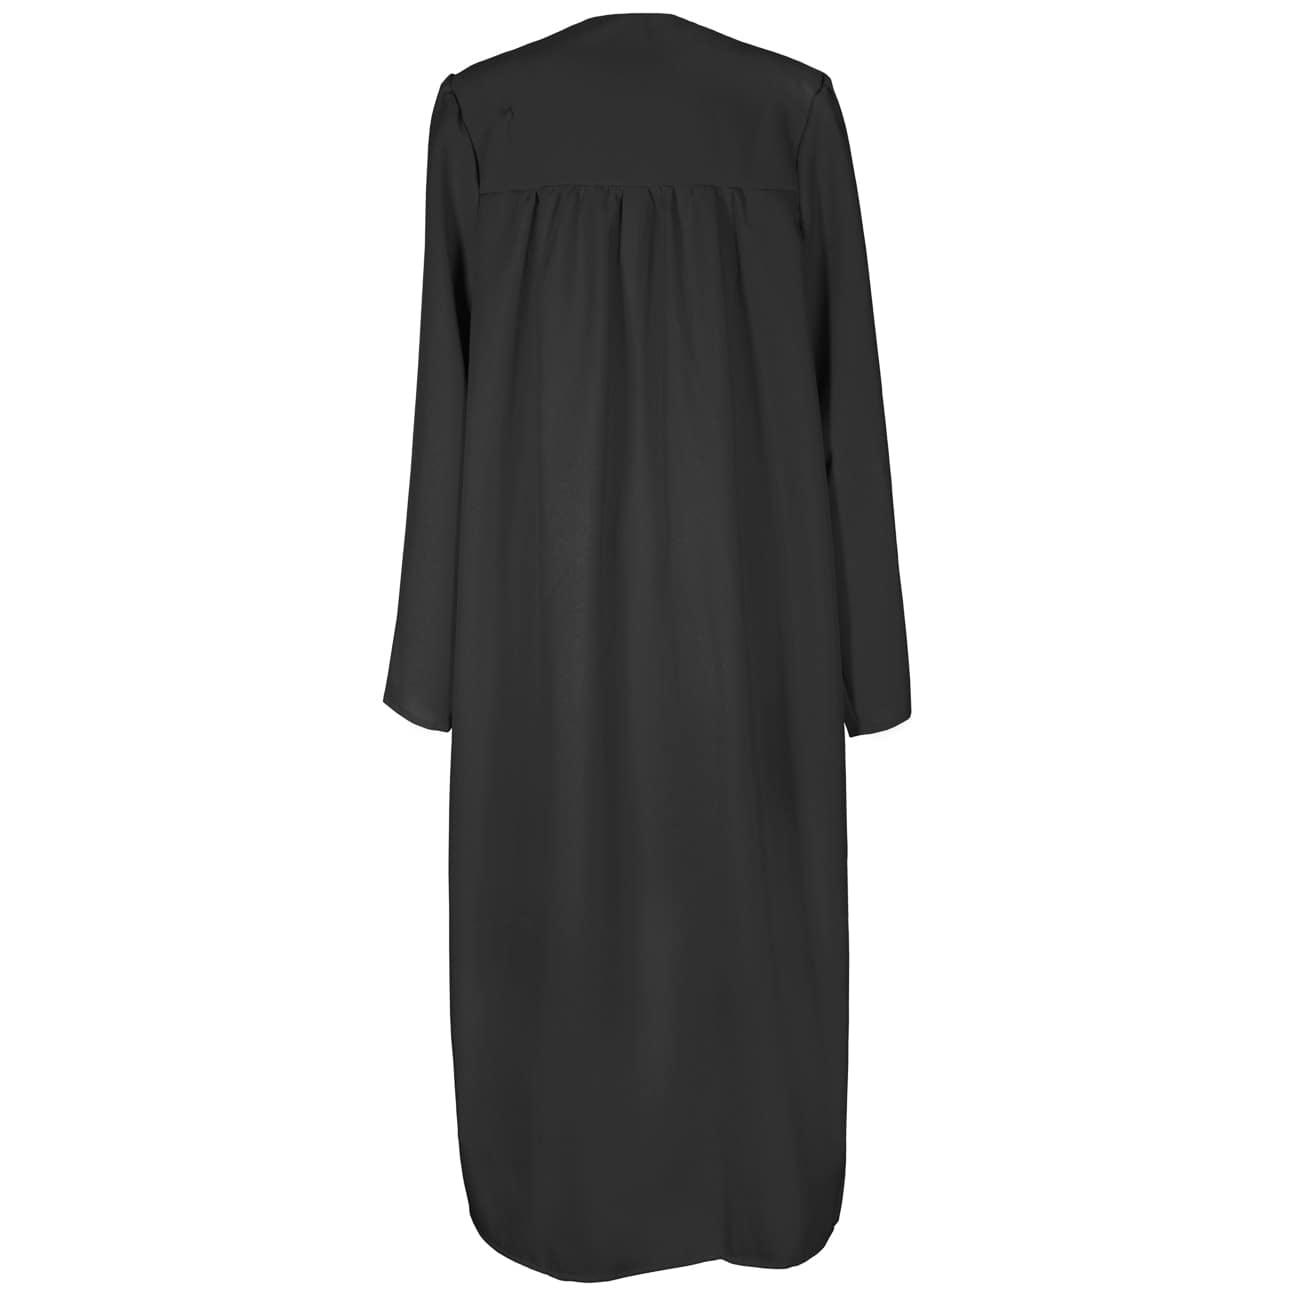 Robe Talar passend zum Dr. Hut